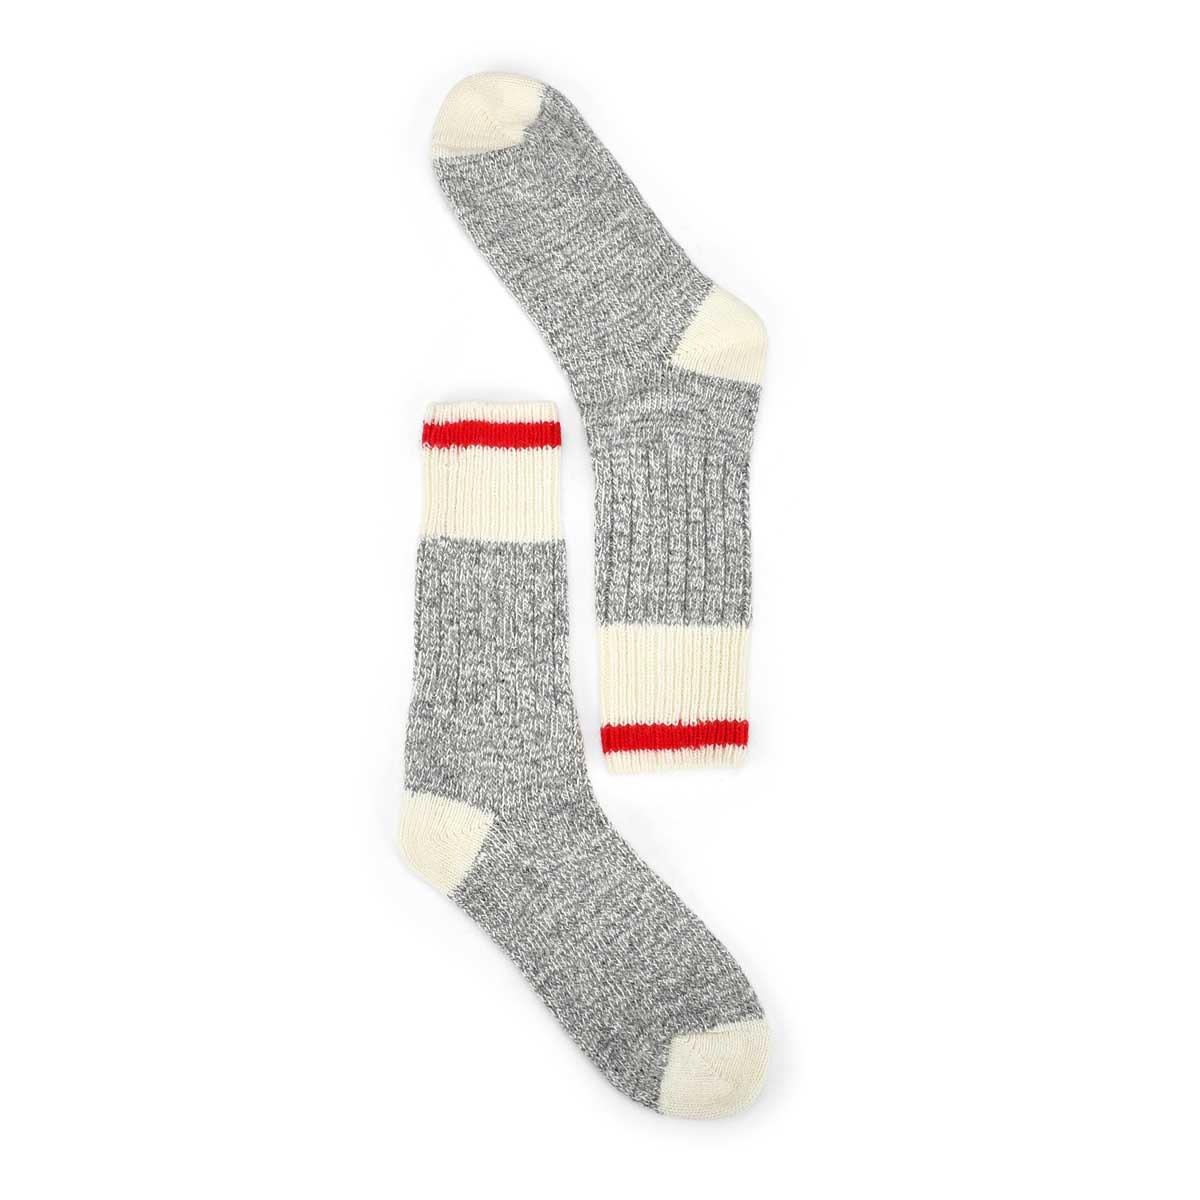 Chaussettes épaisses Duray, grs/blc, fem